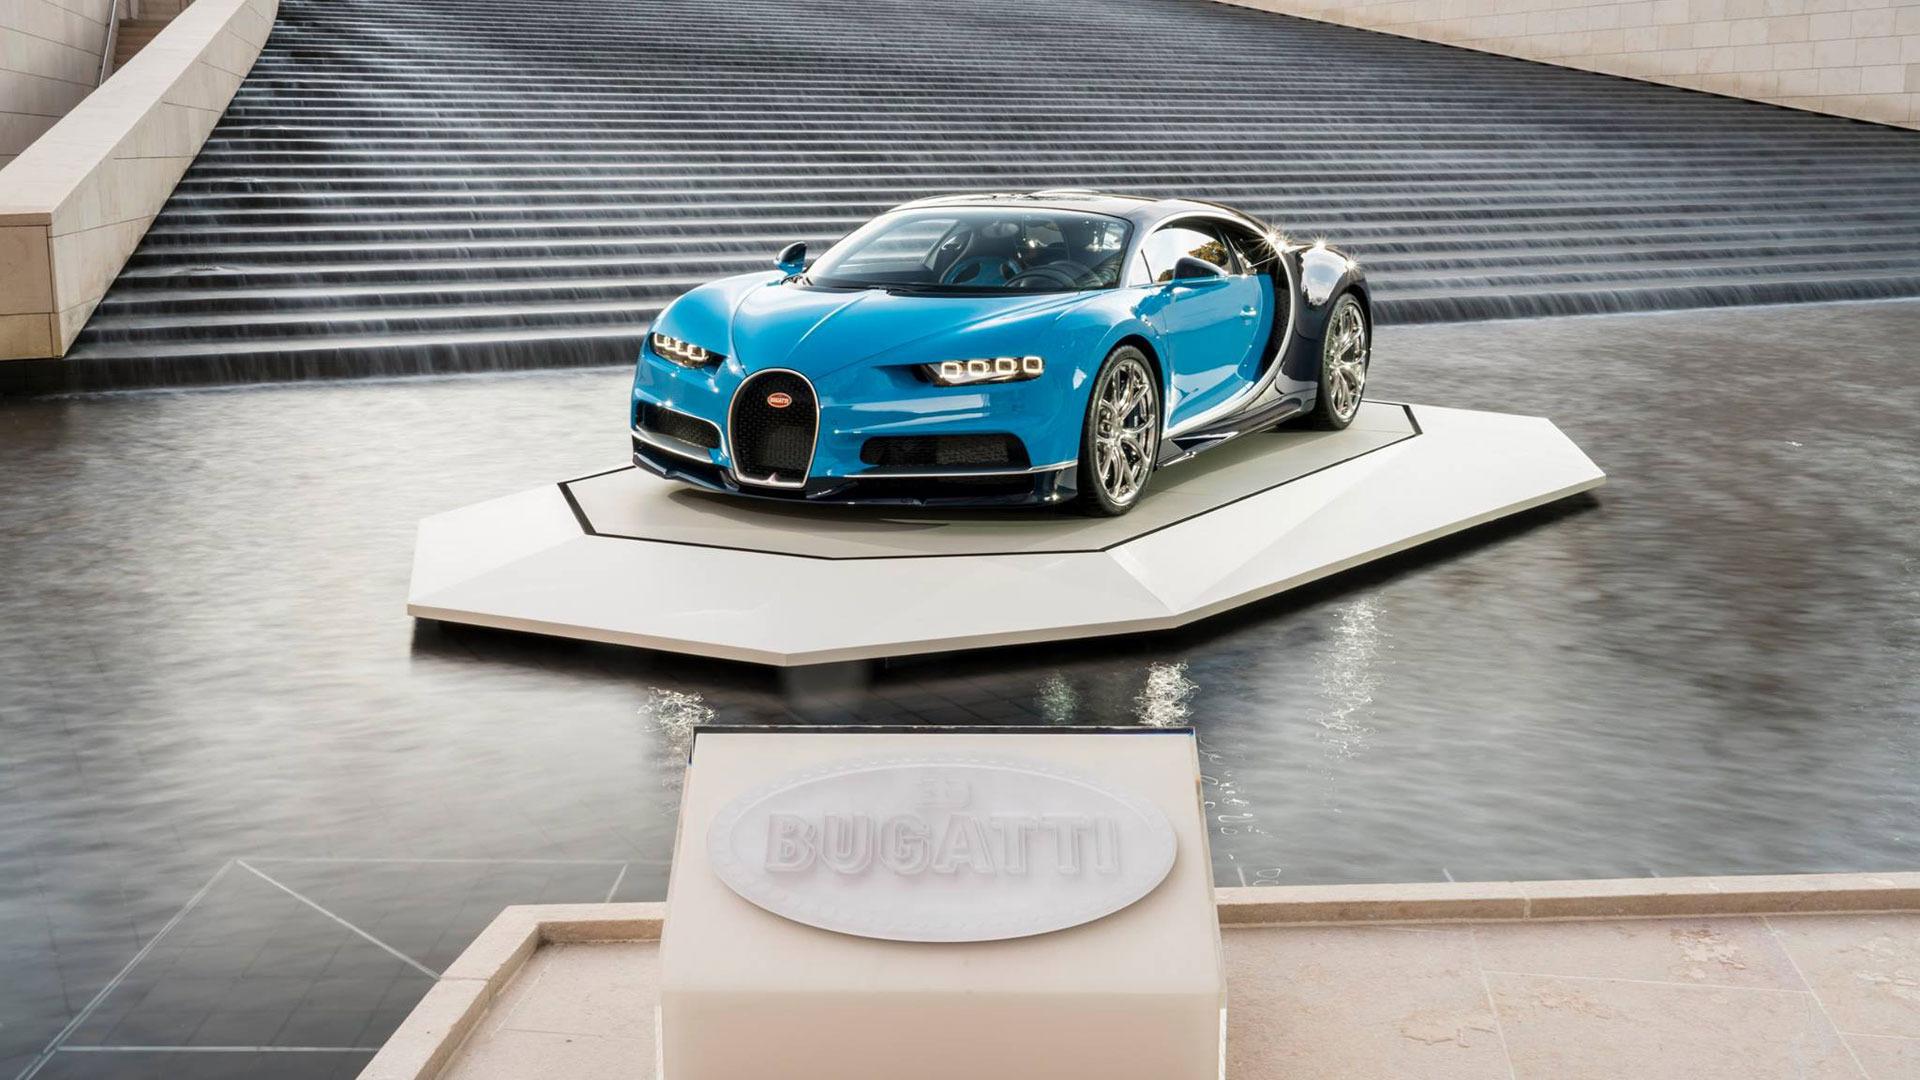 New 2020 Bugatti Chiron